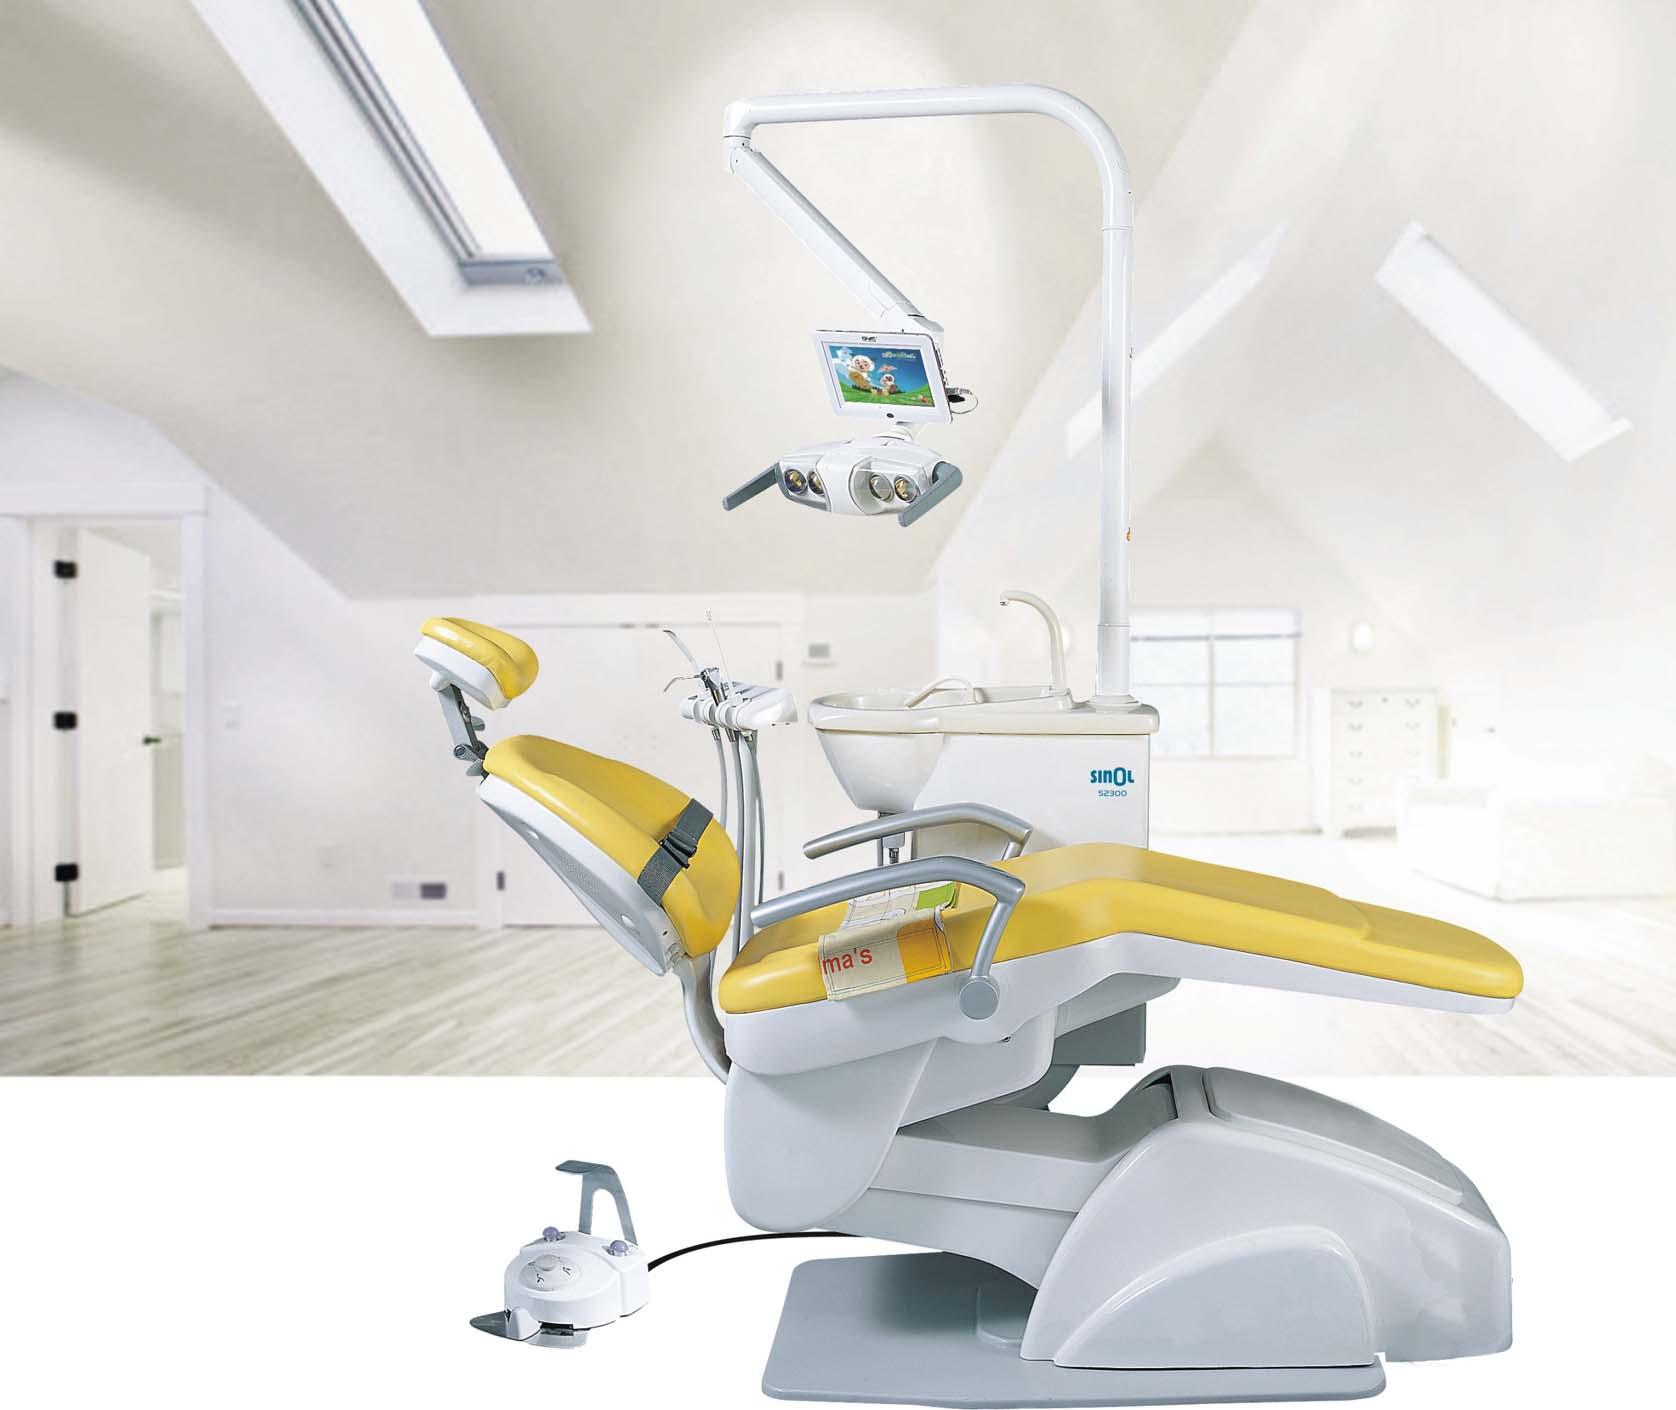 西诺医疗器械集团有限公司始建于1965年,是中国历史上为悠久的专业口腔设备制造商和系统集成服务商、高新技术企业。我公司以西诺/原西北为核心品牌,以牙科综合治疗机和牙科手机为主导,涵盖洗清灭菌系列、口腔教学模拟系列和技工系列、数字影像设备系列、临床器械设备系列、集成服务在内的七大系列以及口腔材料种植体销售等产品。我公司作为全国口腔器械设备标准化技术委员会(SAC/TC99)和齿科器械分技术委员会(SAC/TC99/SC1)的委员单位,负责起草了牙科治疗机